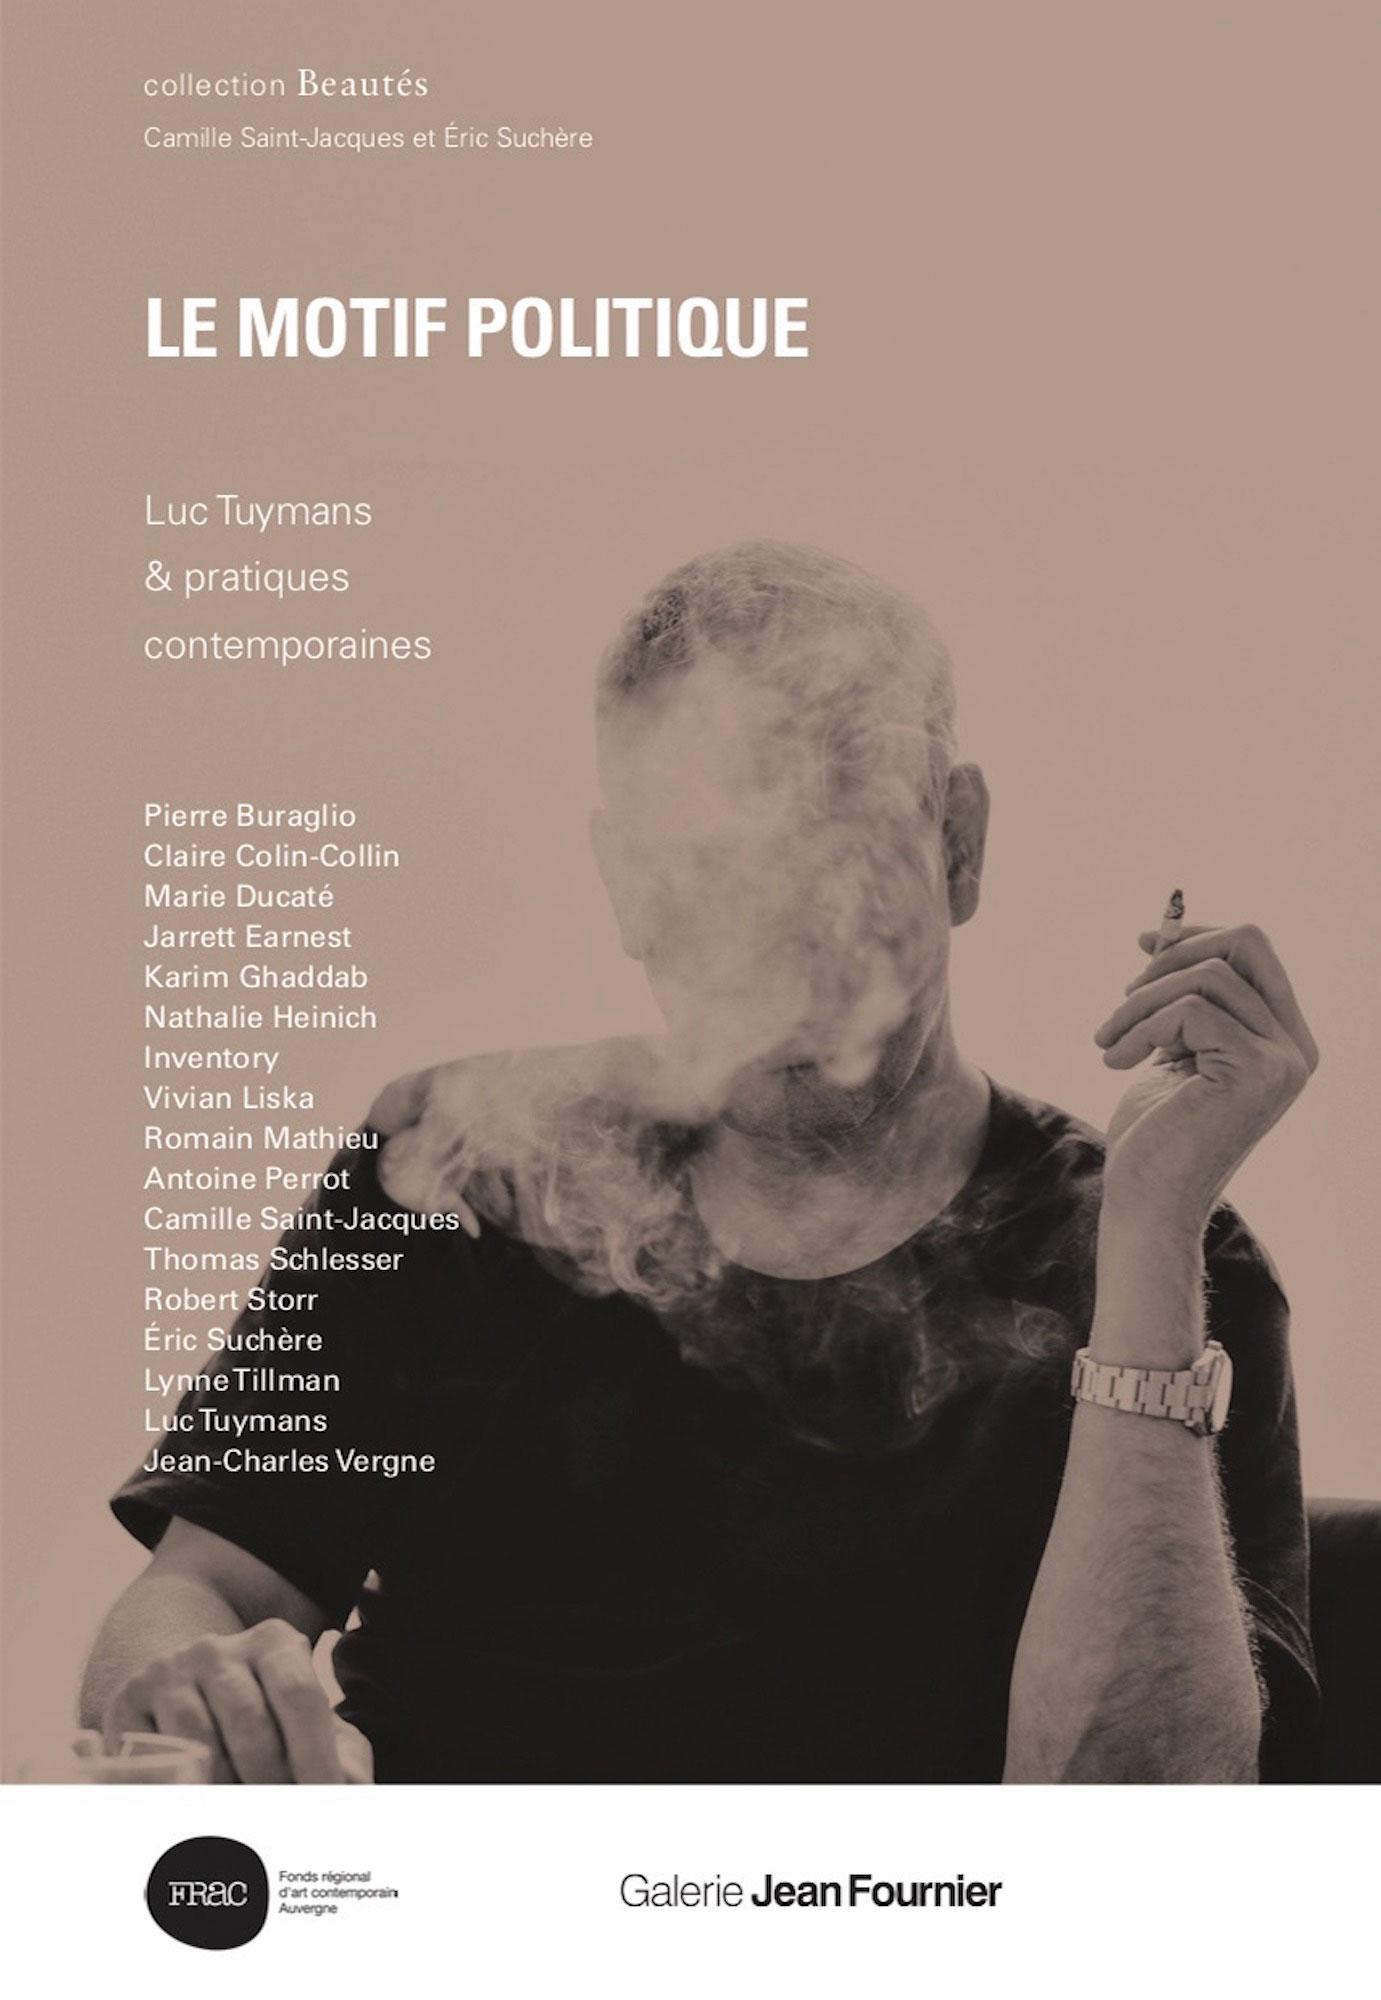 Le Motif politique, Luc Tuymans &pratiques contemporaines